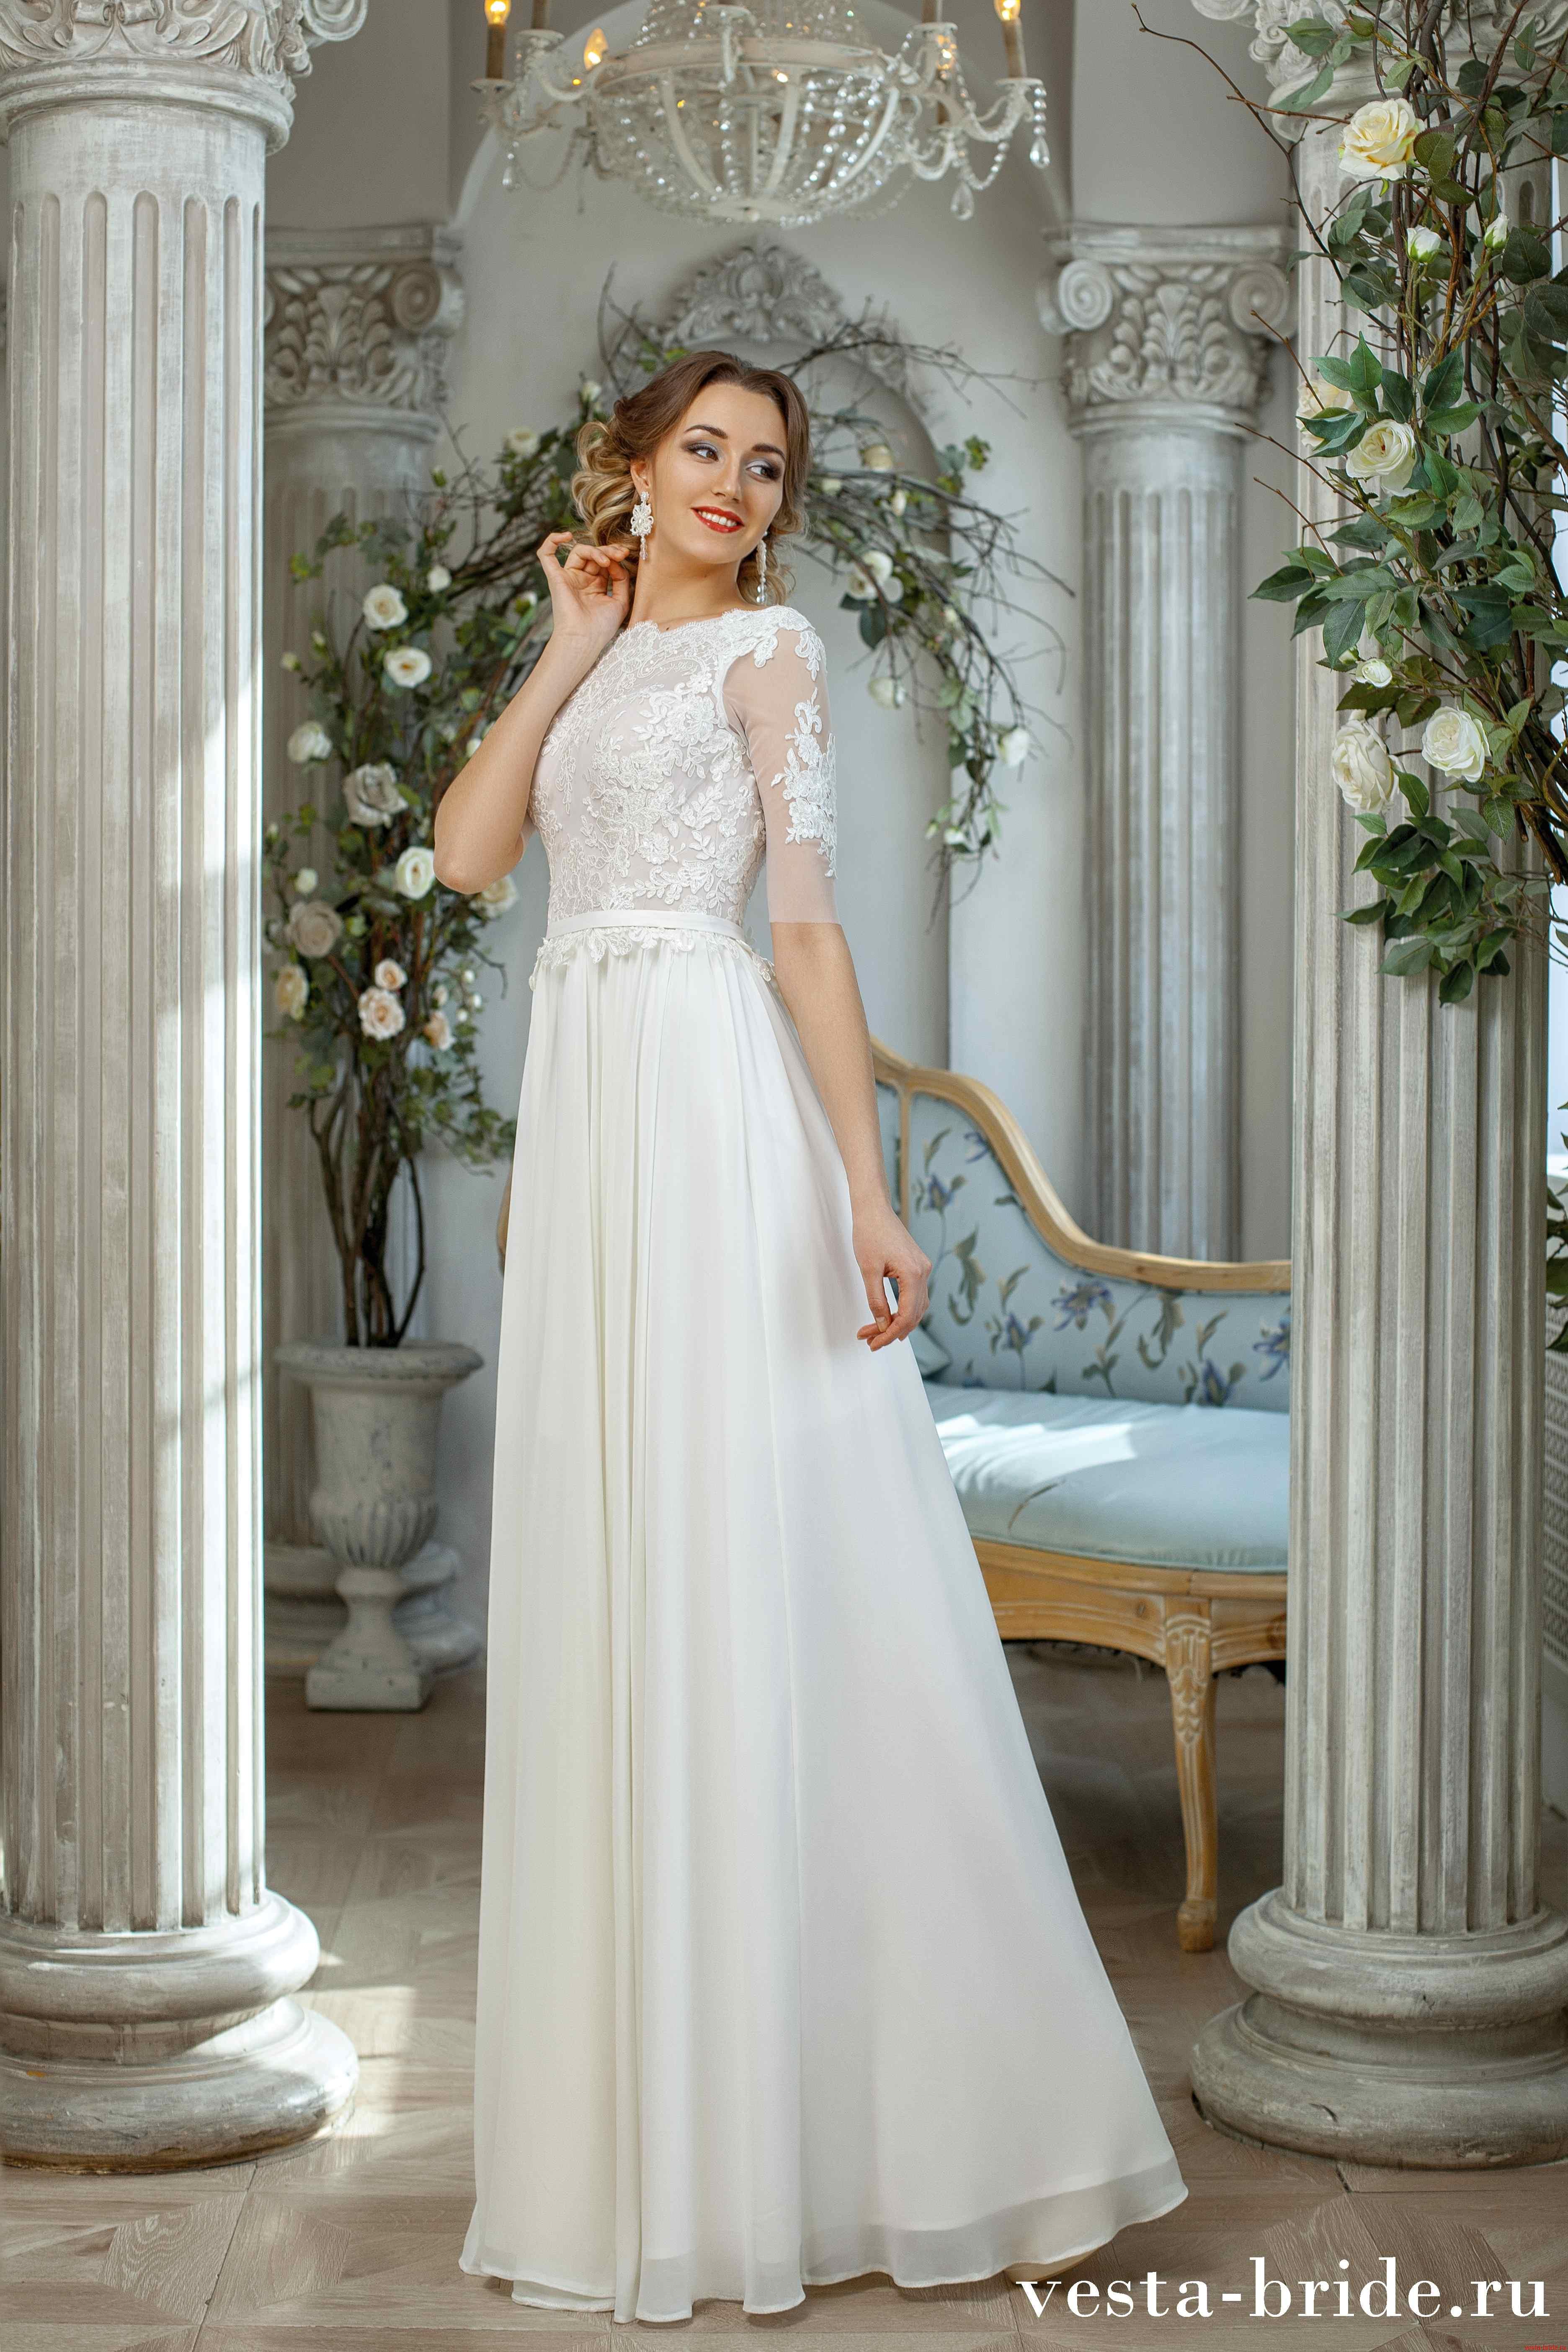 7ba5848a3c8 Свадебные платья с рукавами в Санкт-Петербурге  каталог с фото ...